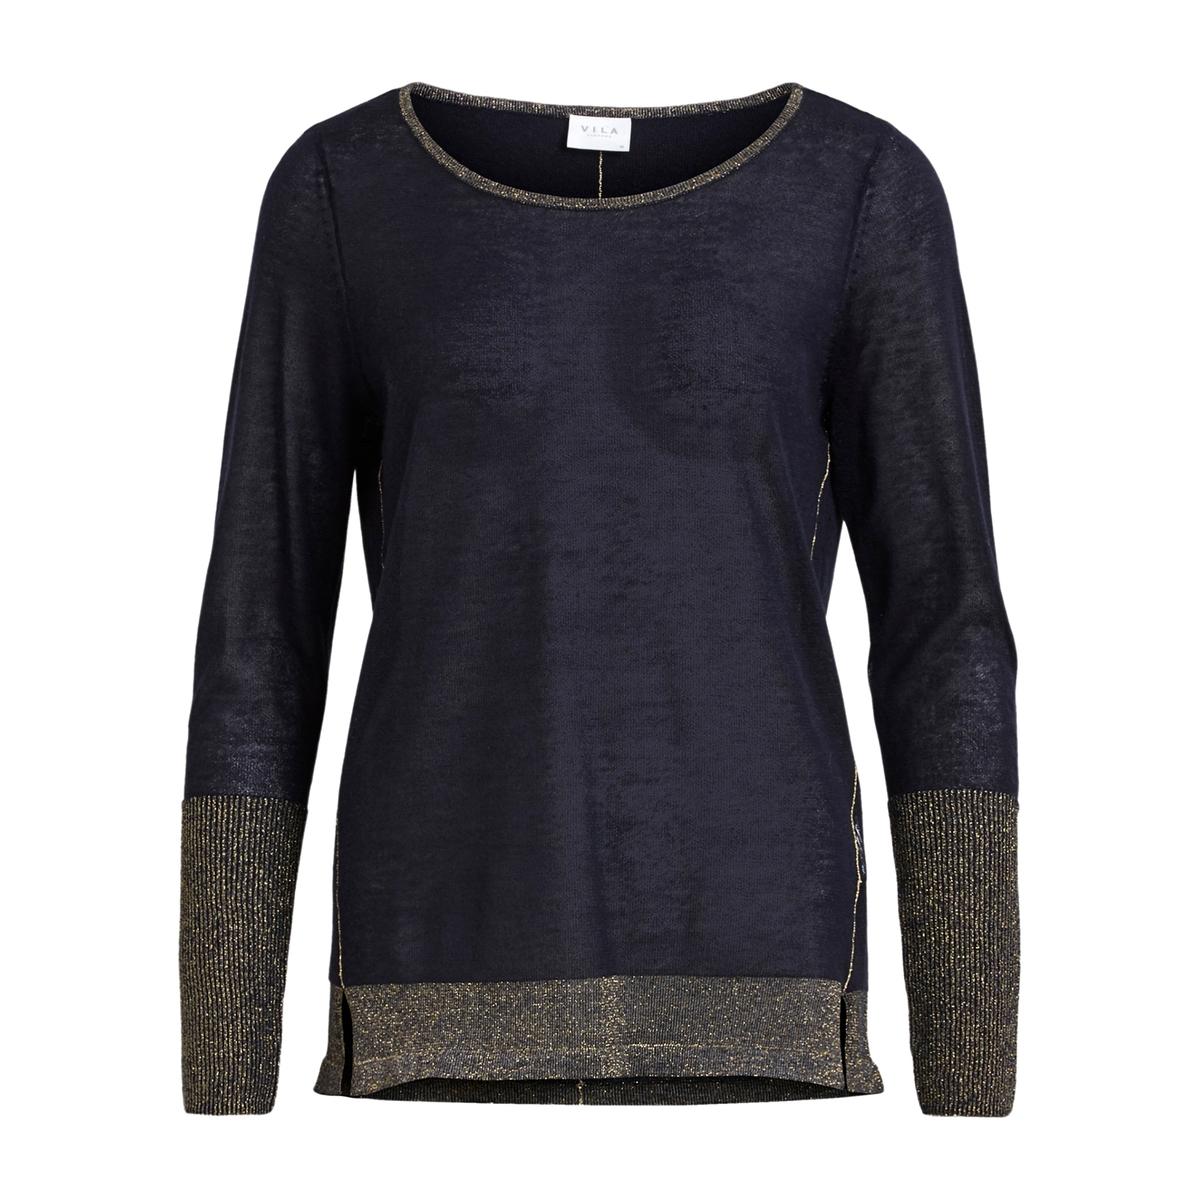 Пуловер с круглым вырезом из тонкого трикотажа  пуловер с круглым вырезом из хлопка и льна